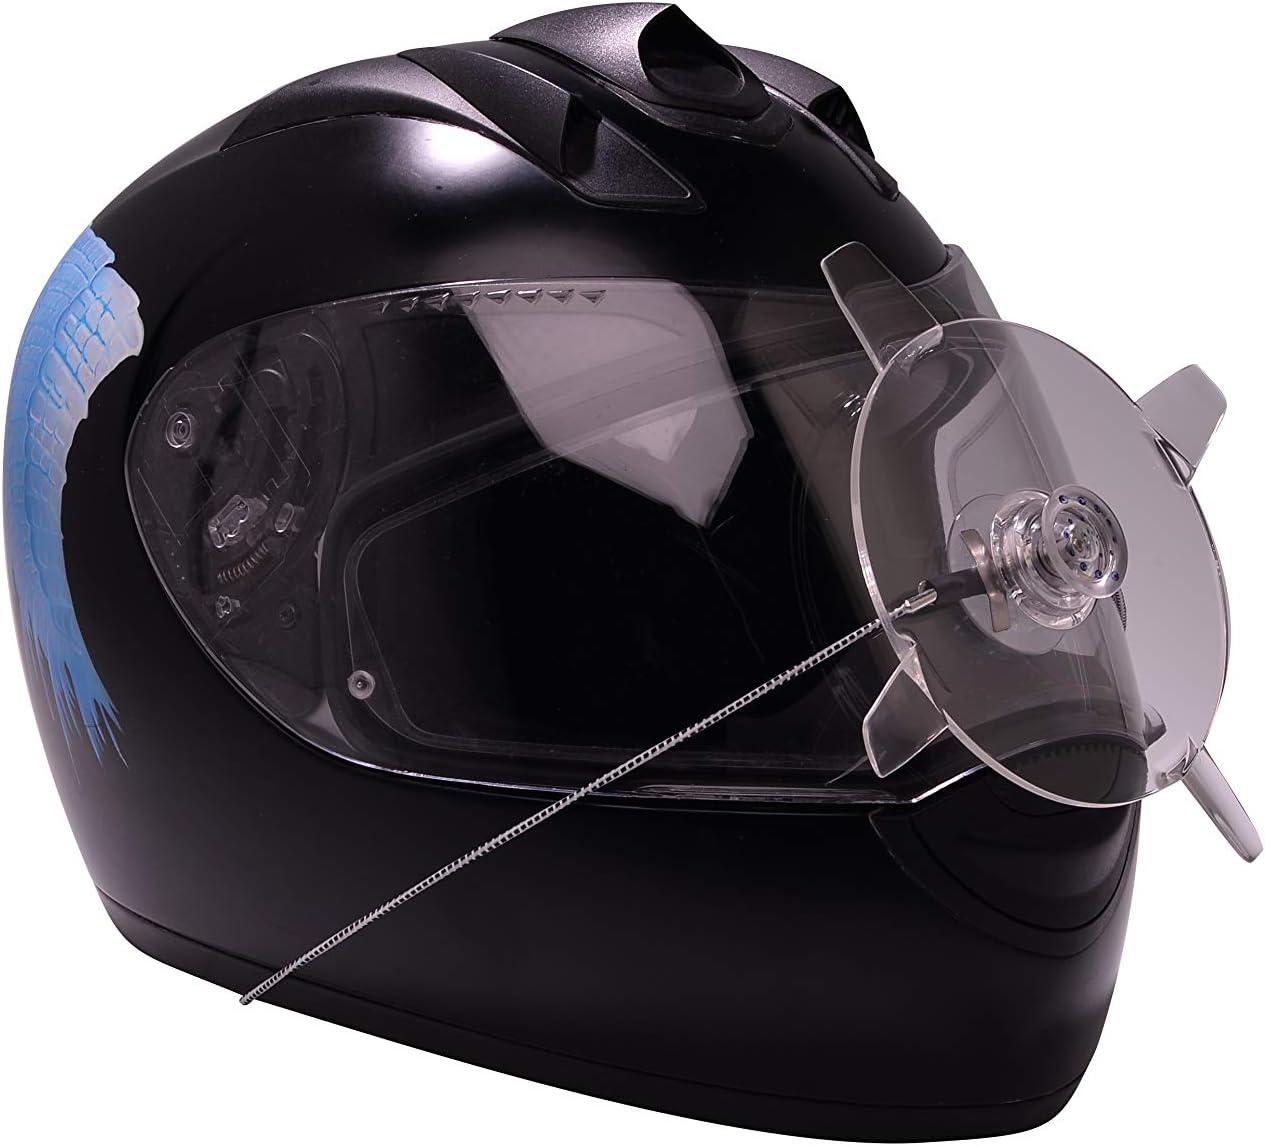 REGENSCHUTZSCHEIBE aplicable universalmente Limpiaparabrisas de casco disco de lanzamiento El limpiaparabrisas de la visera para motociclistas